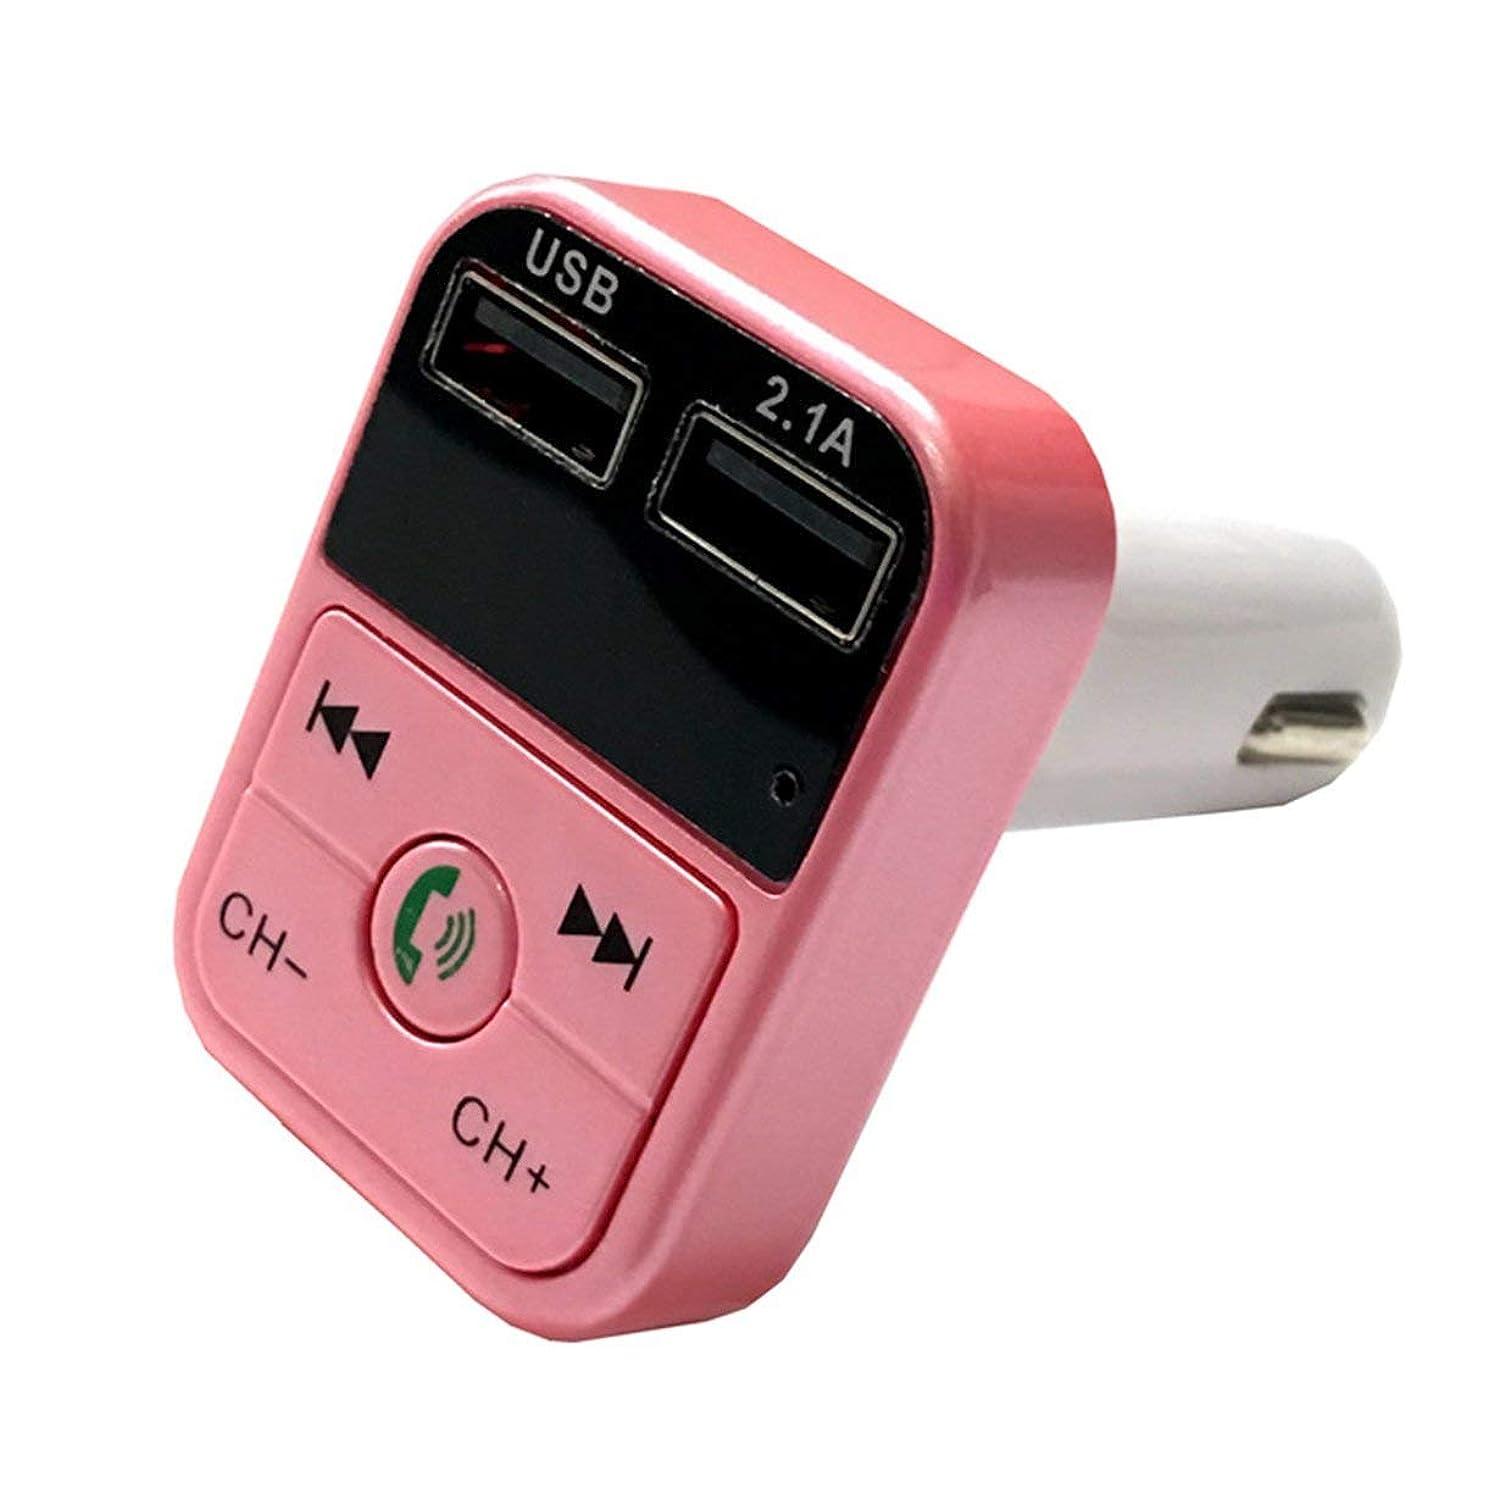 ナラーバー読書をする意図的B2車ハンズフリーワイヤレスキットFmトランスミッタLed車Mp3プレーヤーUsb充電器Fm変調器車アクセサリー-ピンク